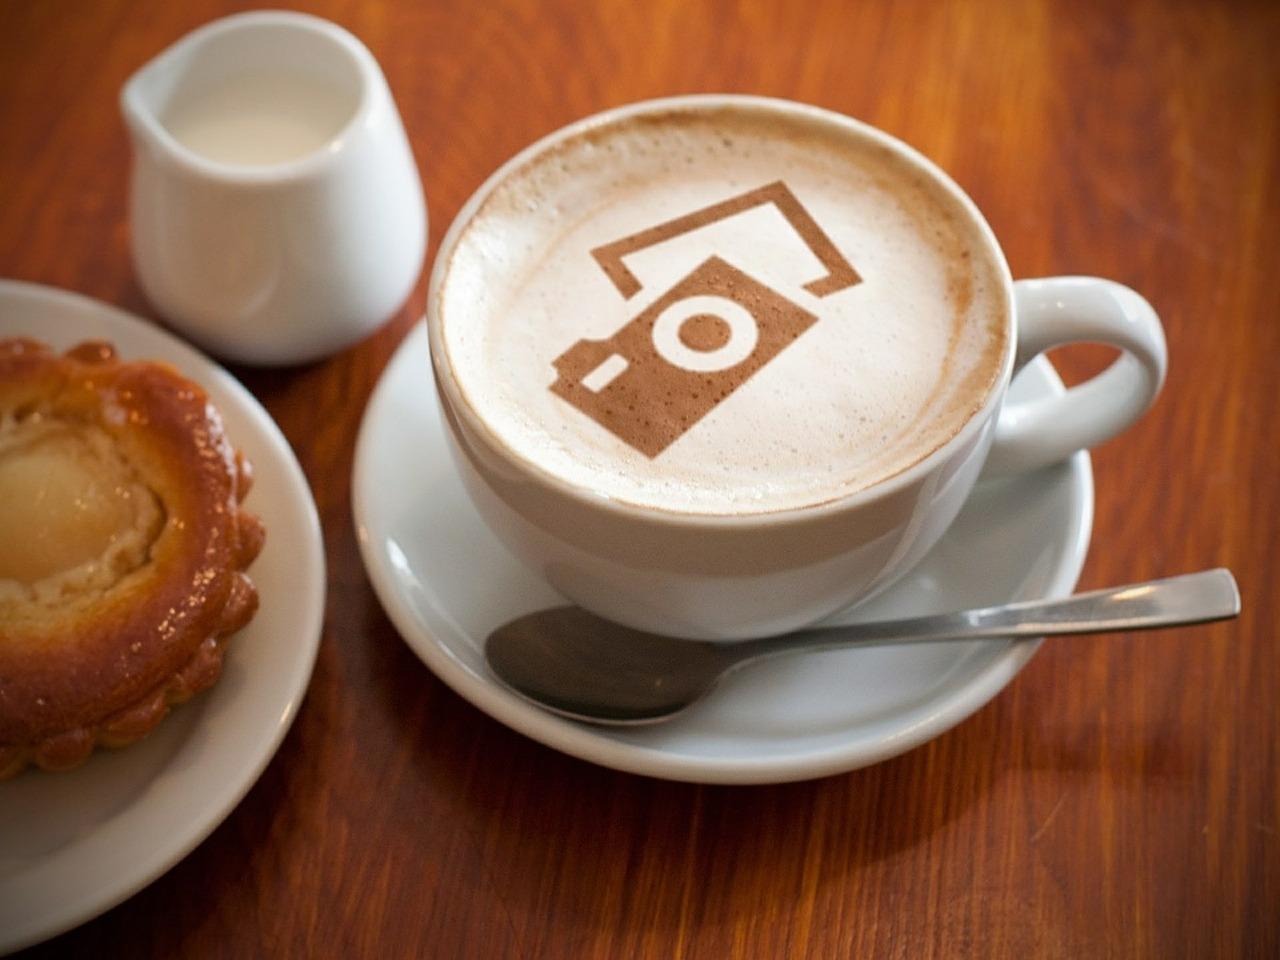 بالصور صور عن القهوة , اشكال جميلة للقهوة 1487 1